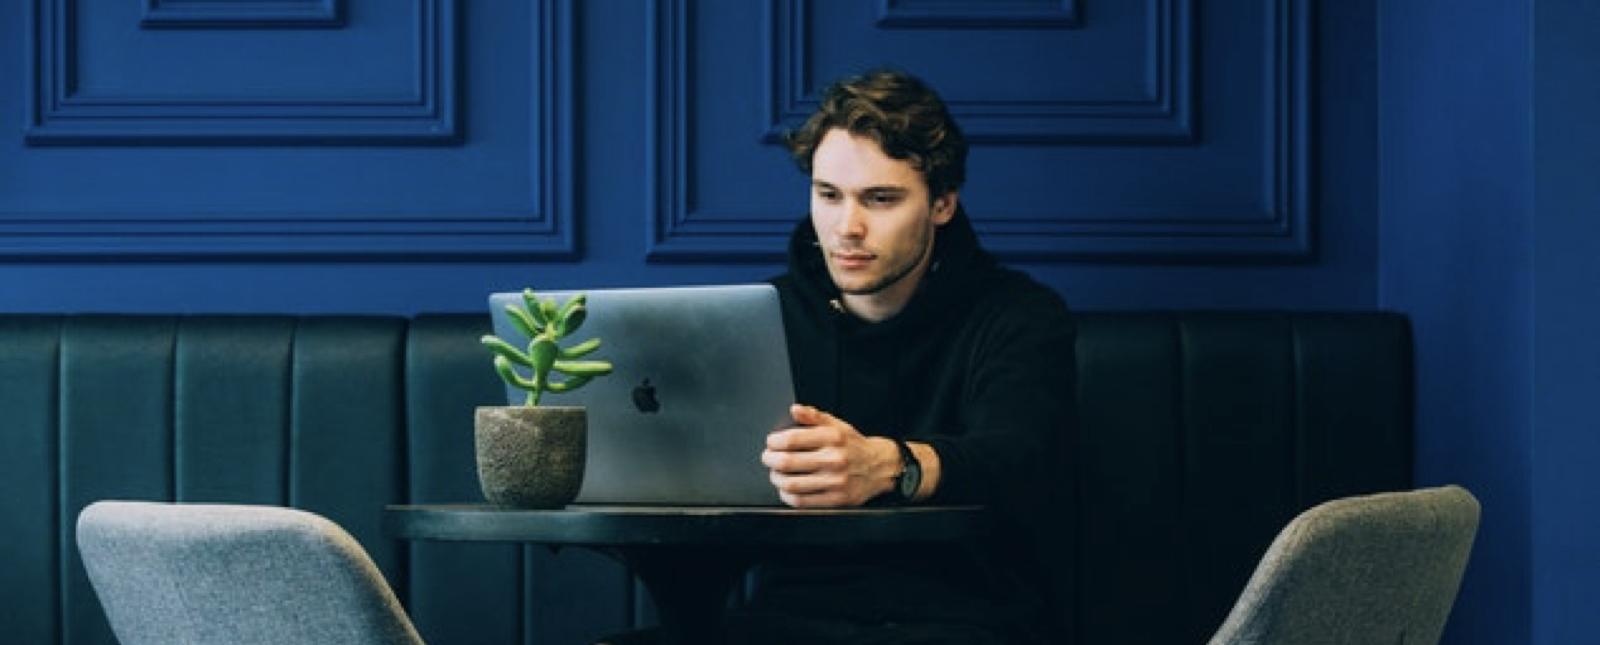 Cómo tu ex y tu empresa monitorean tus redes sociales sin que te des cuenta